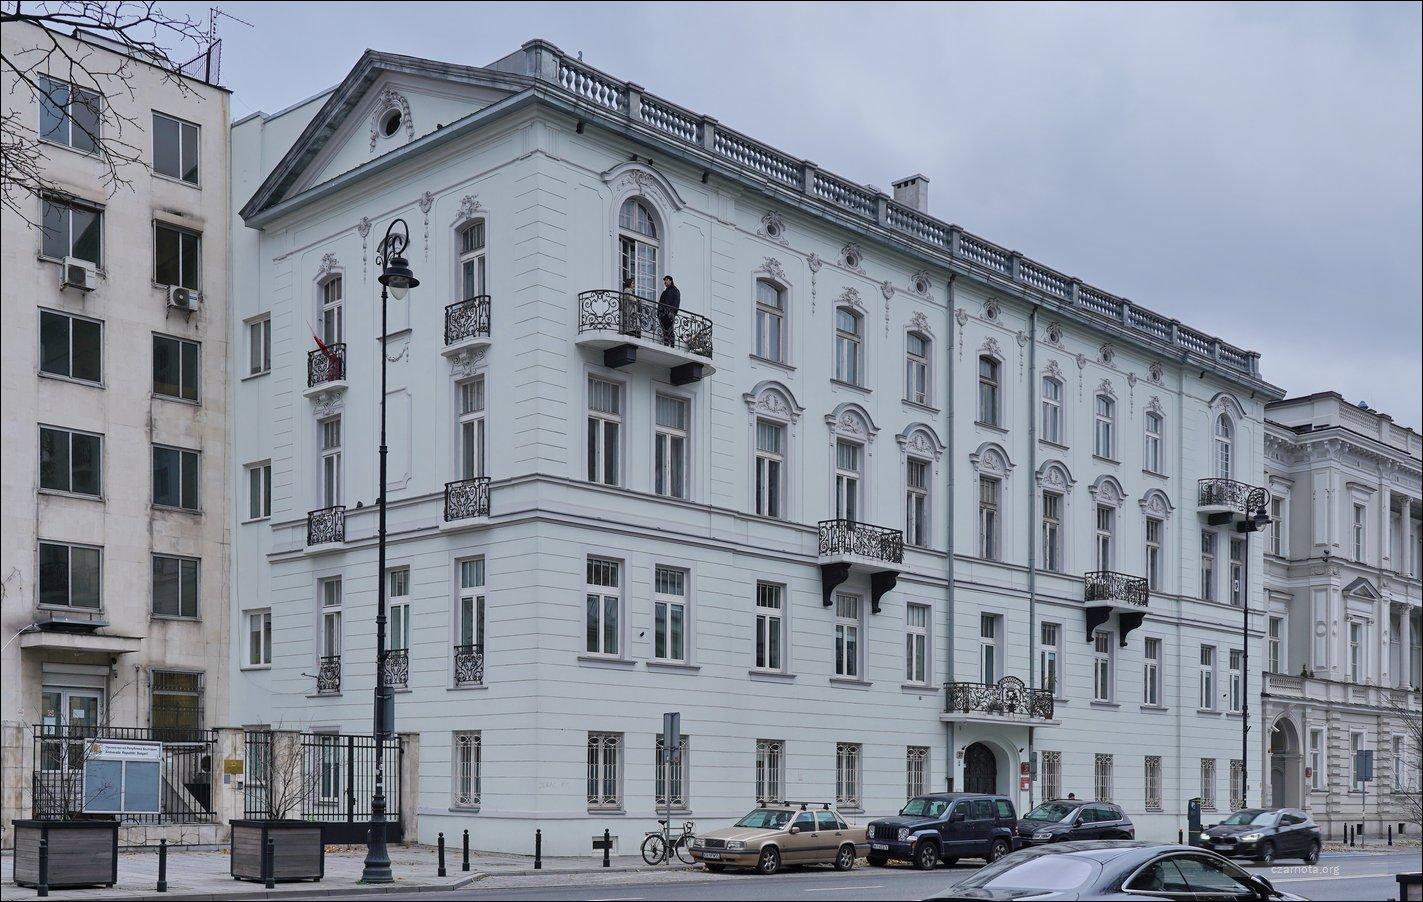 Warszawa, Aleje Ujazdowskie 37, 47, 49 w 2008 i 2021